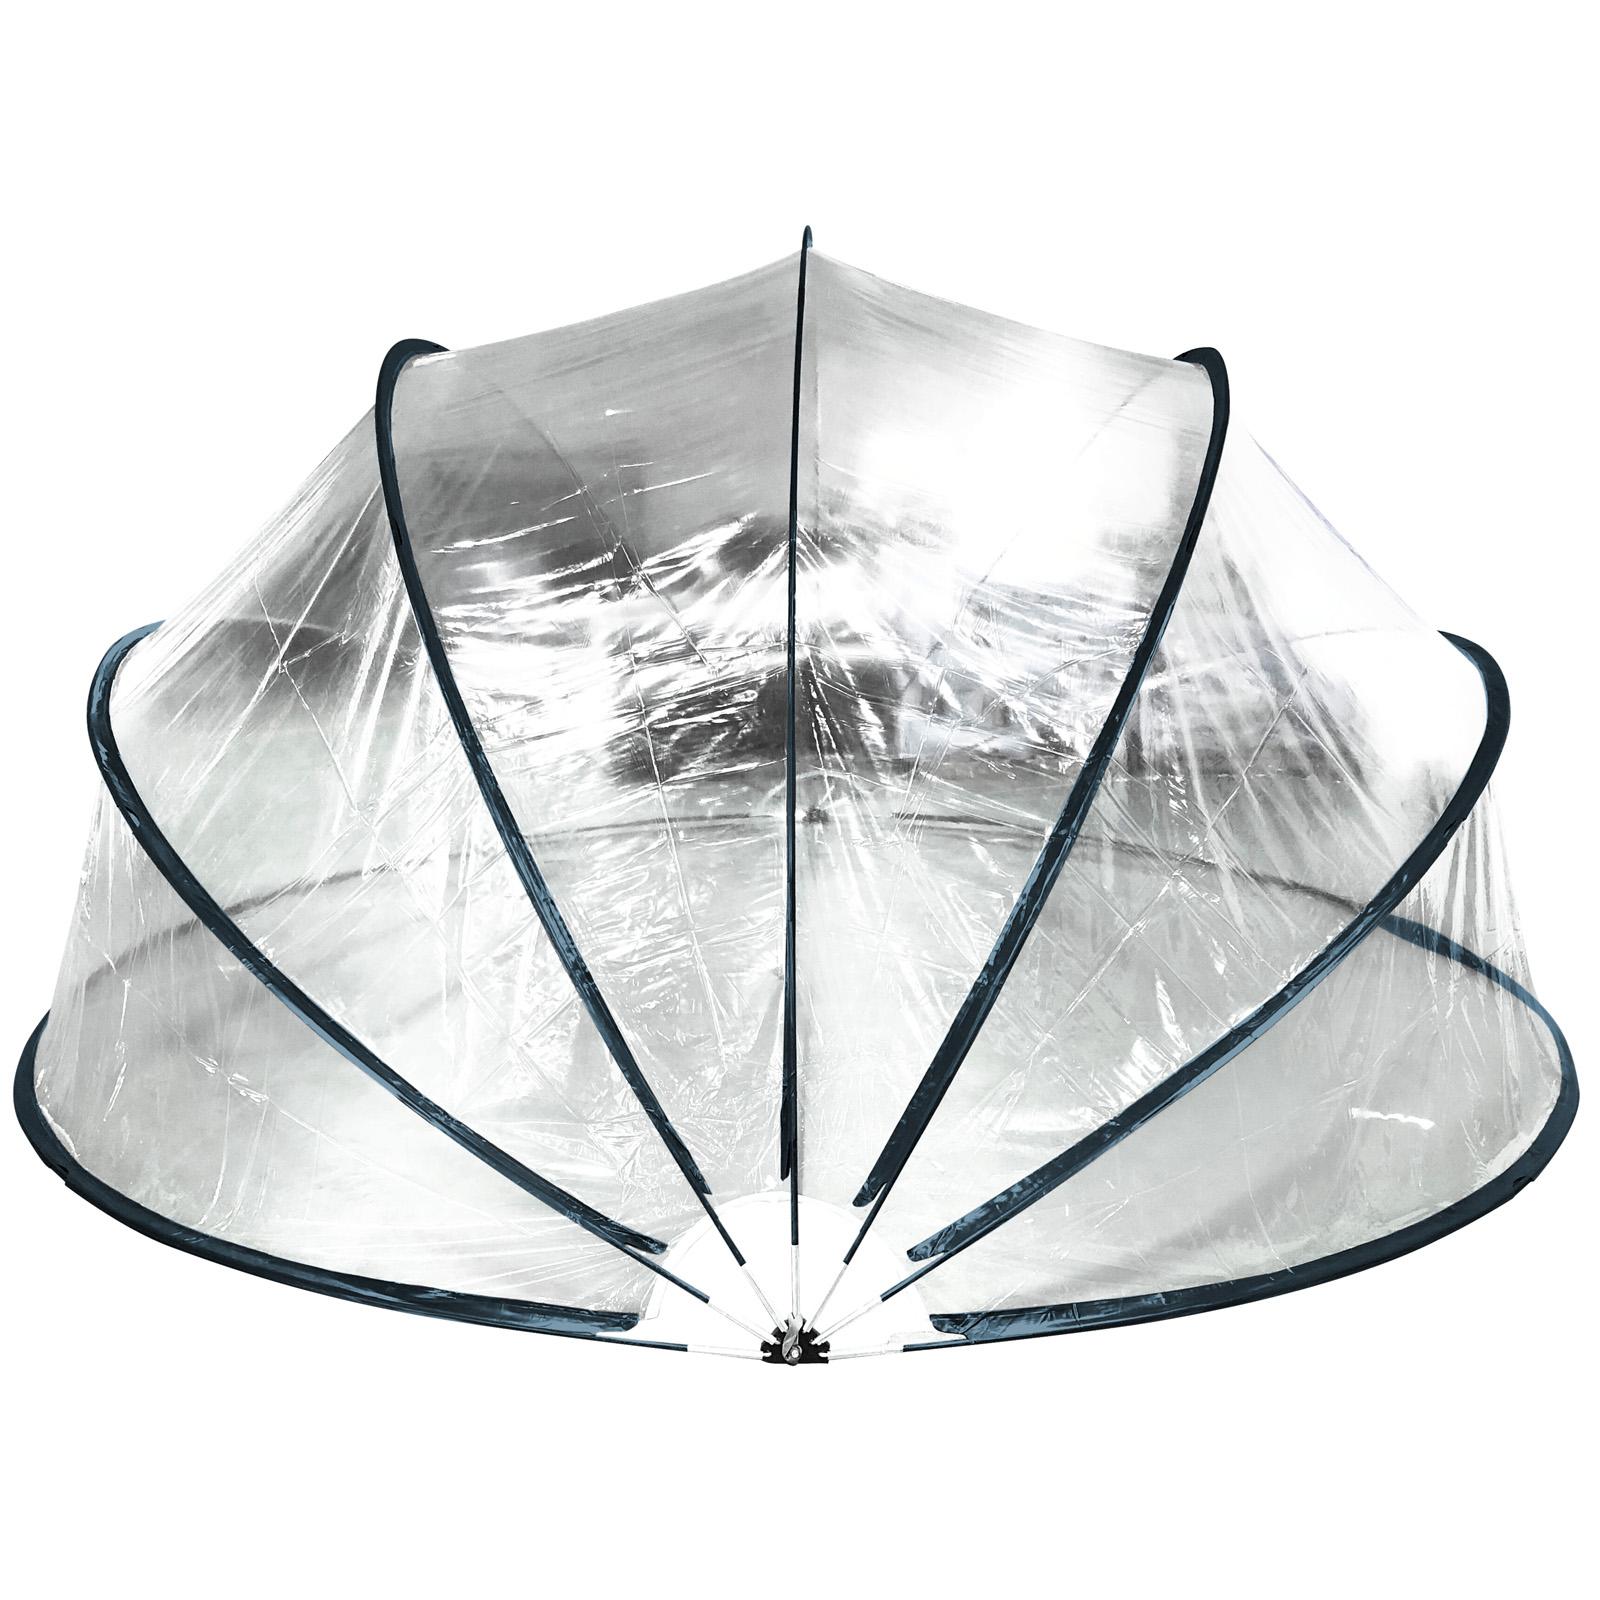 Steinbach 440x220cm Pooldach Gartendach Cabrio Dome für Aufstellpools schwarz